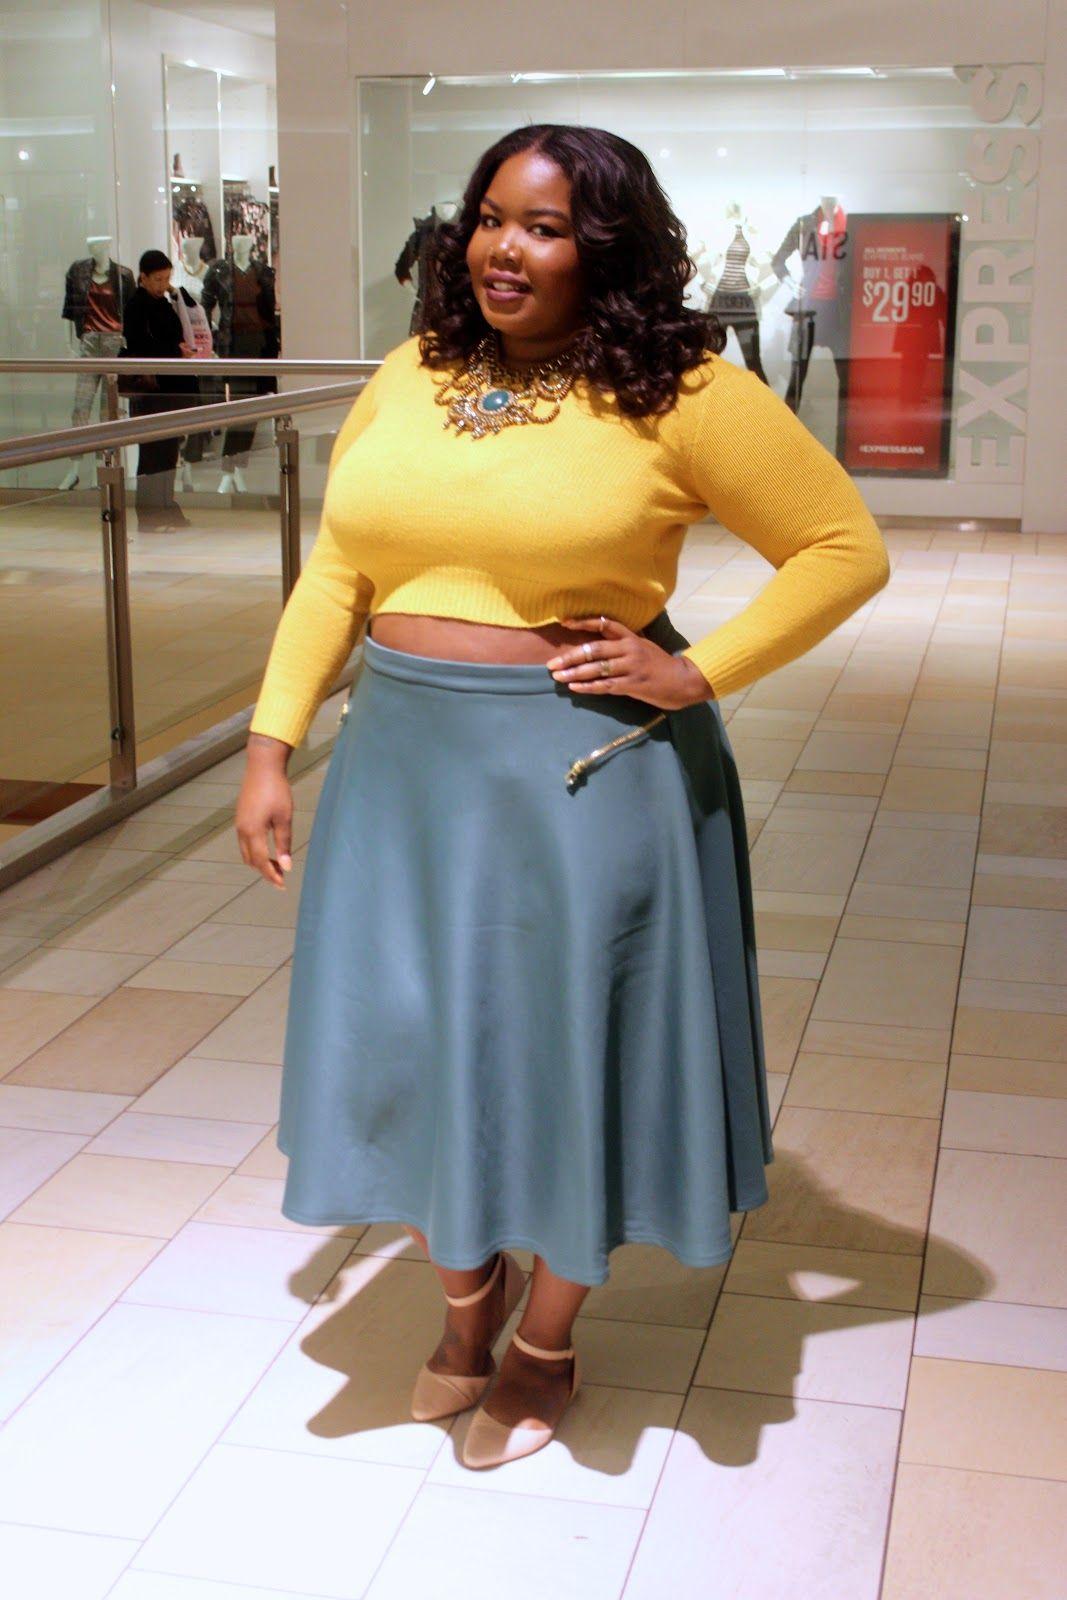 plus size fashion - midi skirt | plus size fashion | pinterest